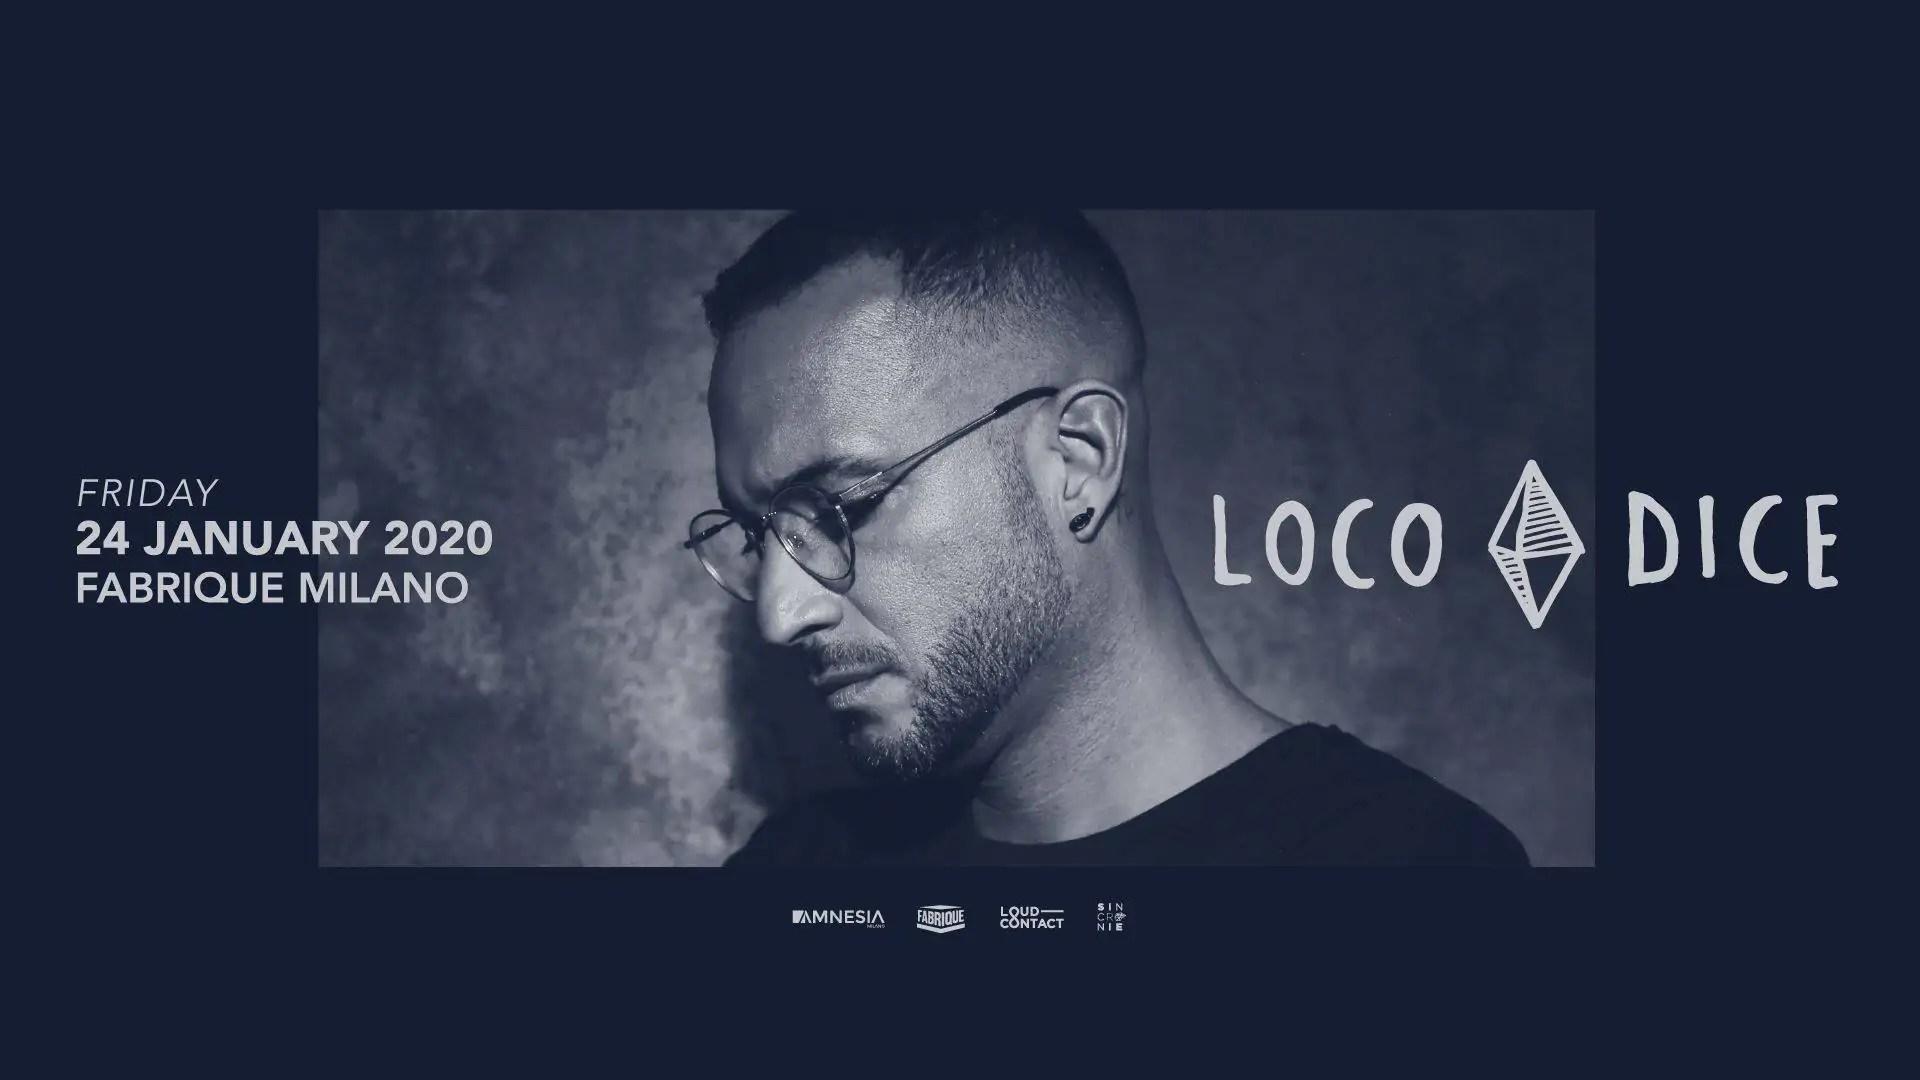 Loco Dice al Fabrique Milano Venerdì 24 Gennaio 2020